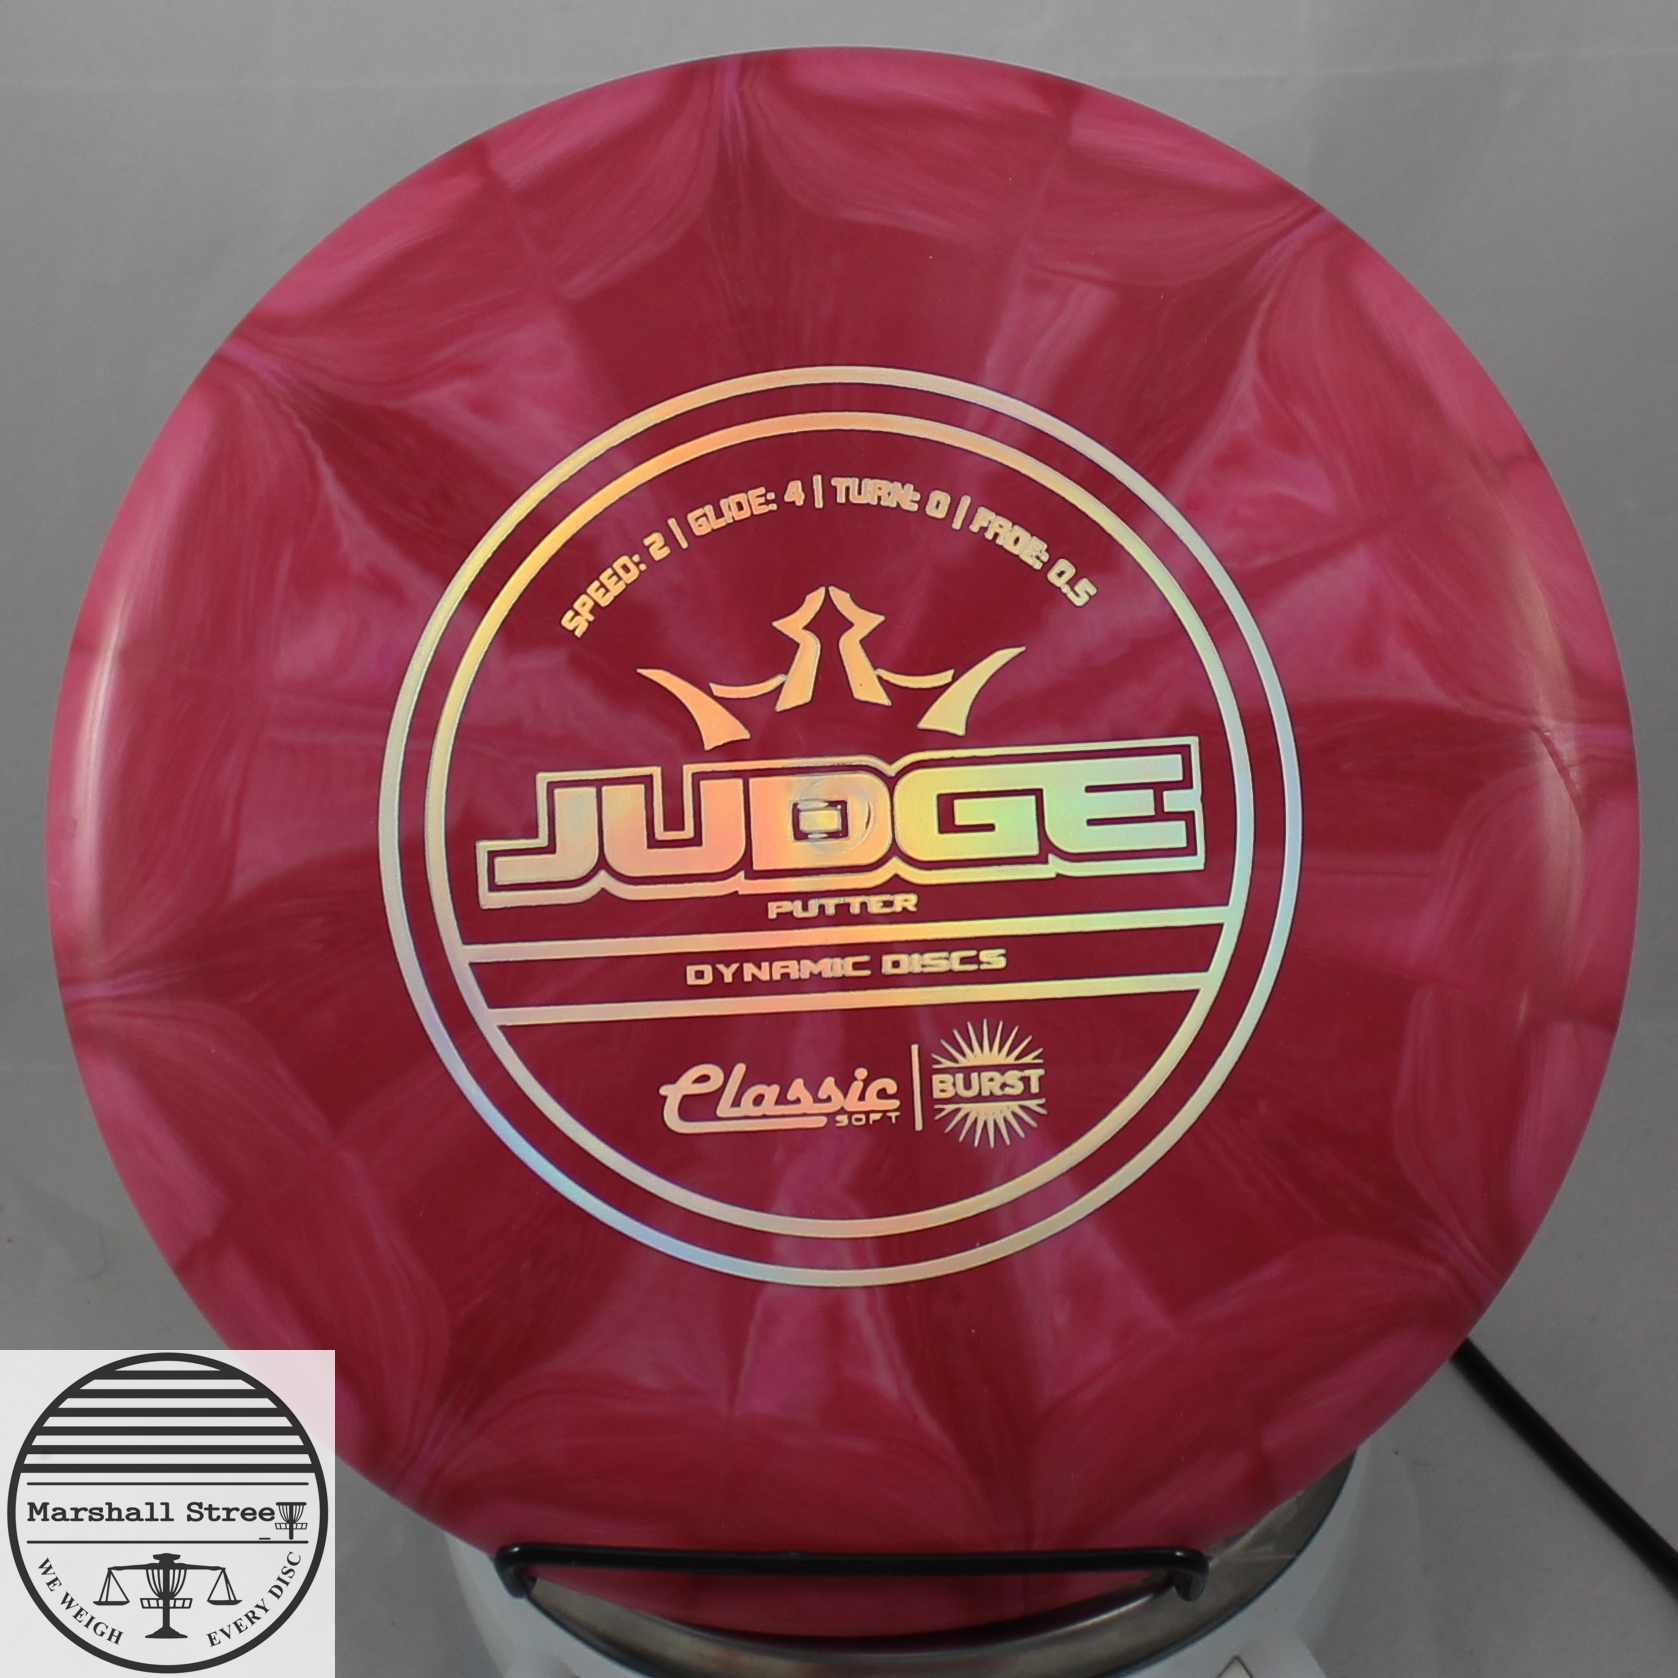 Classic Judge, Soft Burst